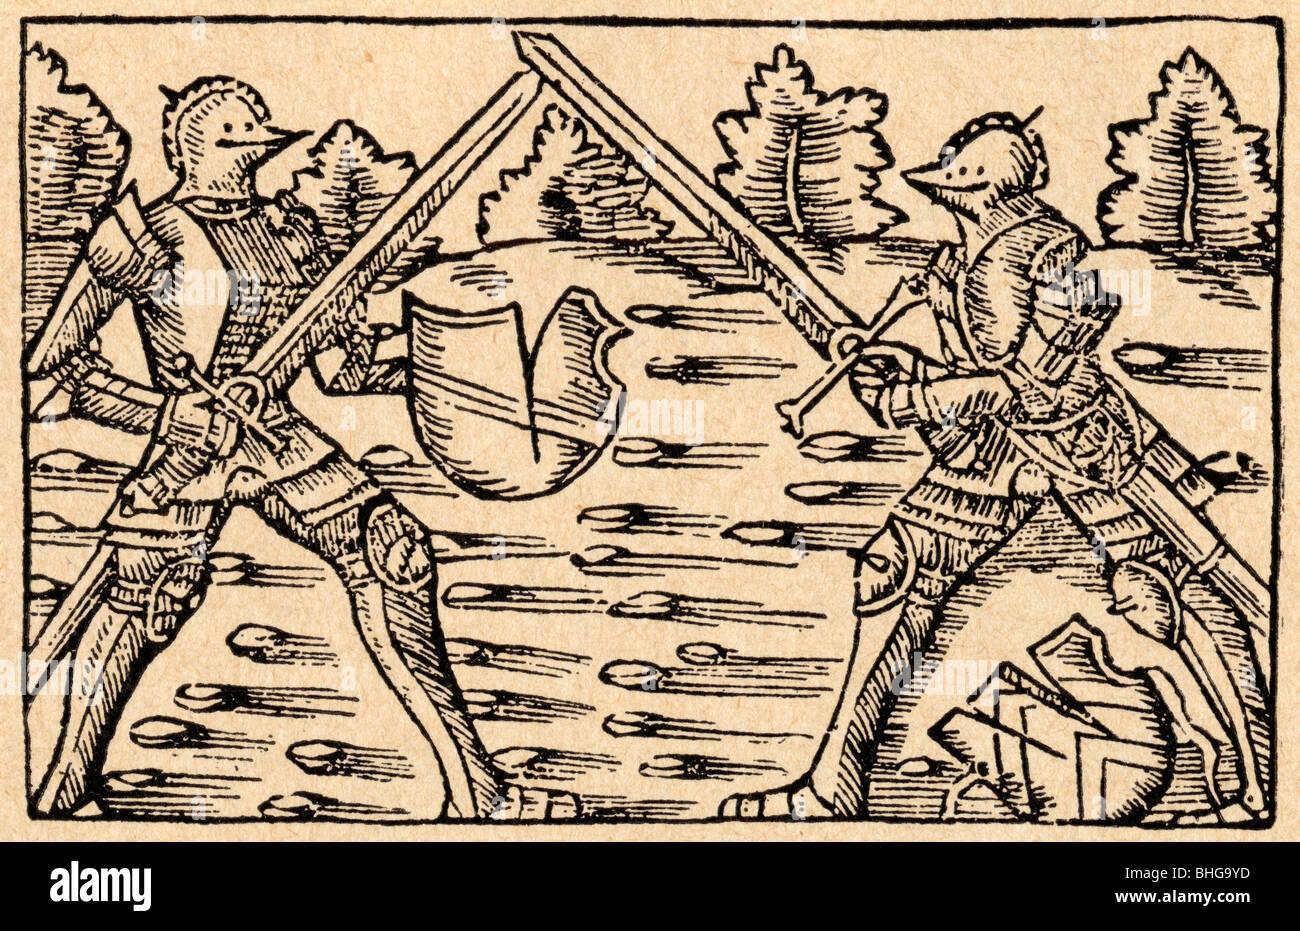 Zweikampf zwischen Ritter in voller Rüstung. Stockbild